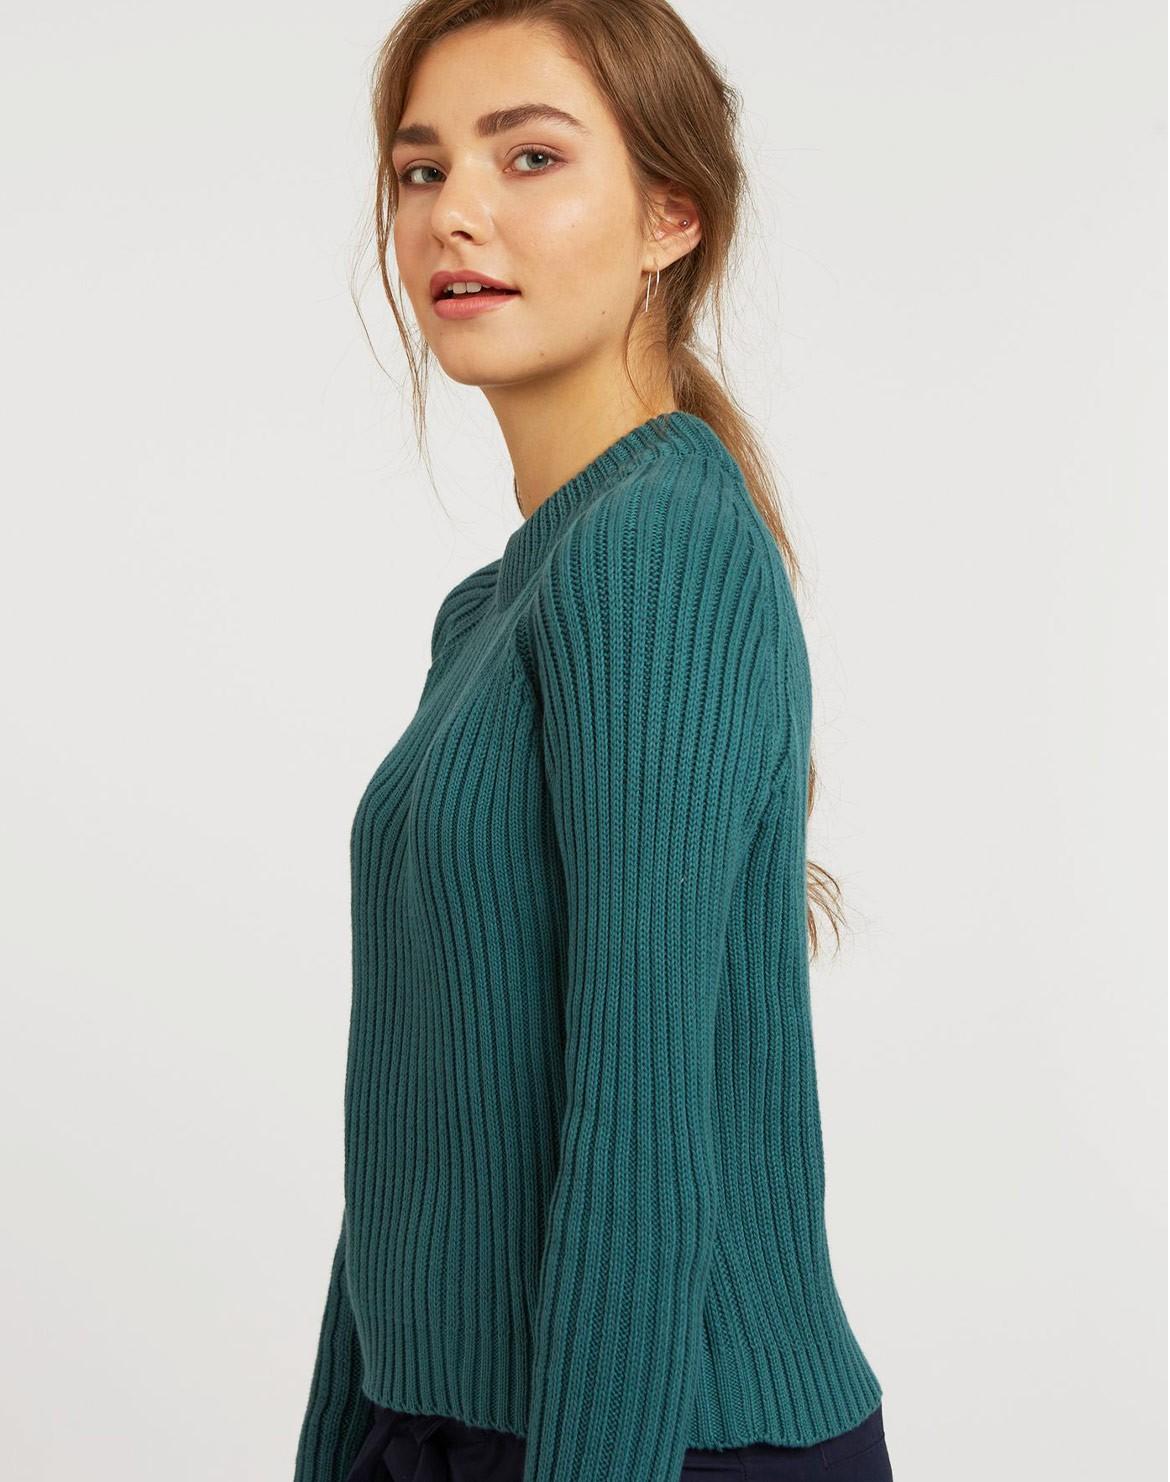 Raglan Pullover